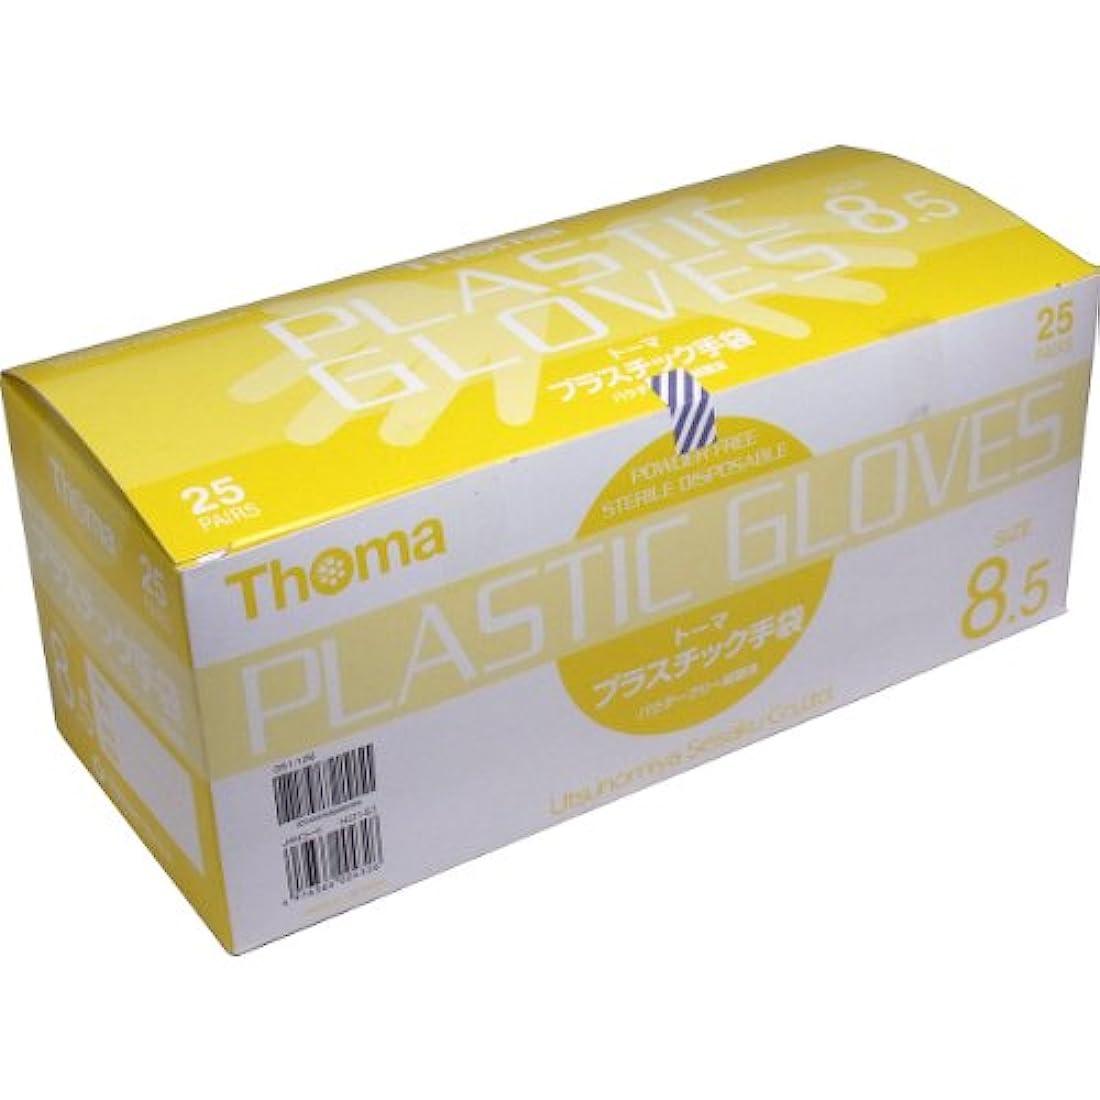 アライメントトレイル入口トーマ プラスチック手袋 パウダーフリー 滅菌済 サイズ8.5 25双入